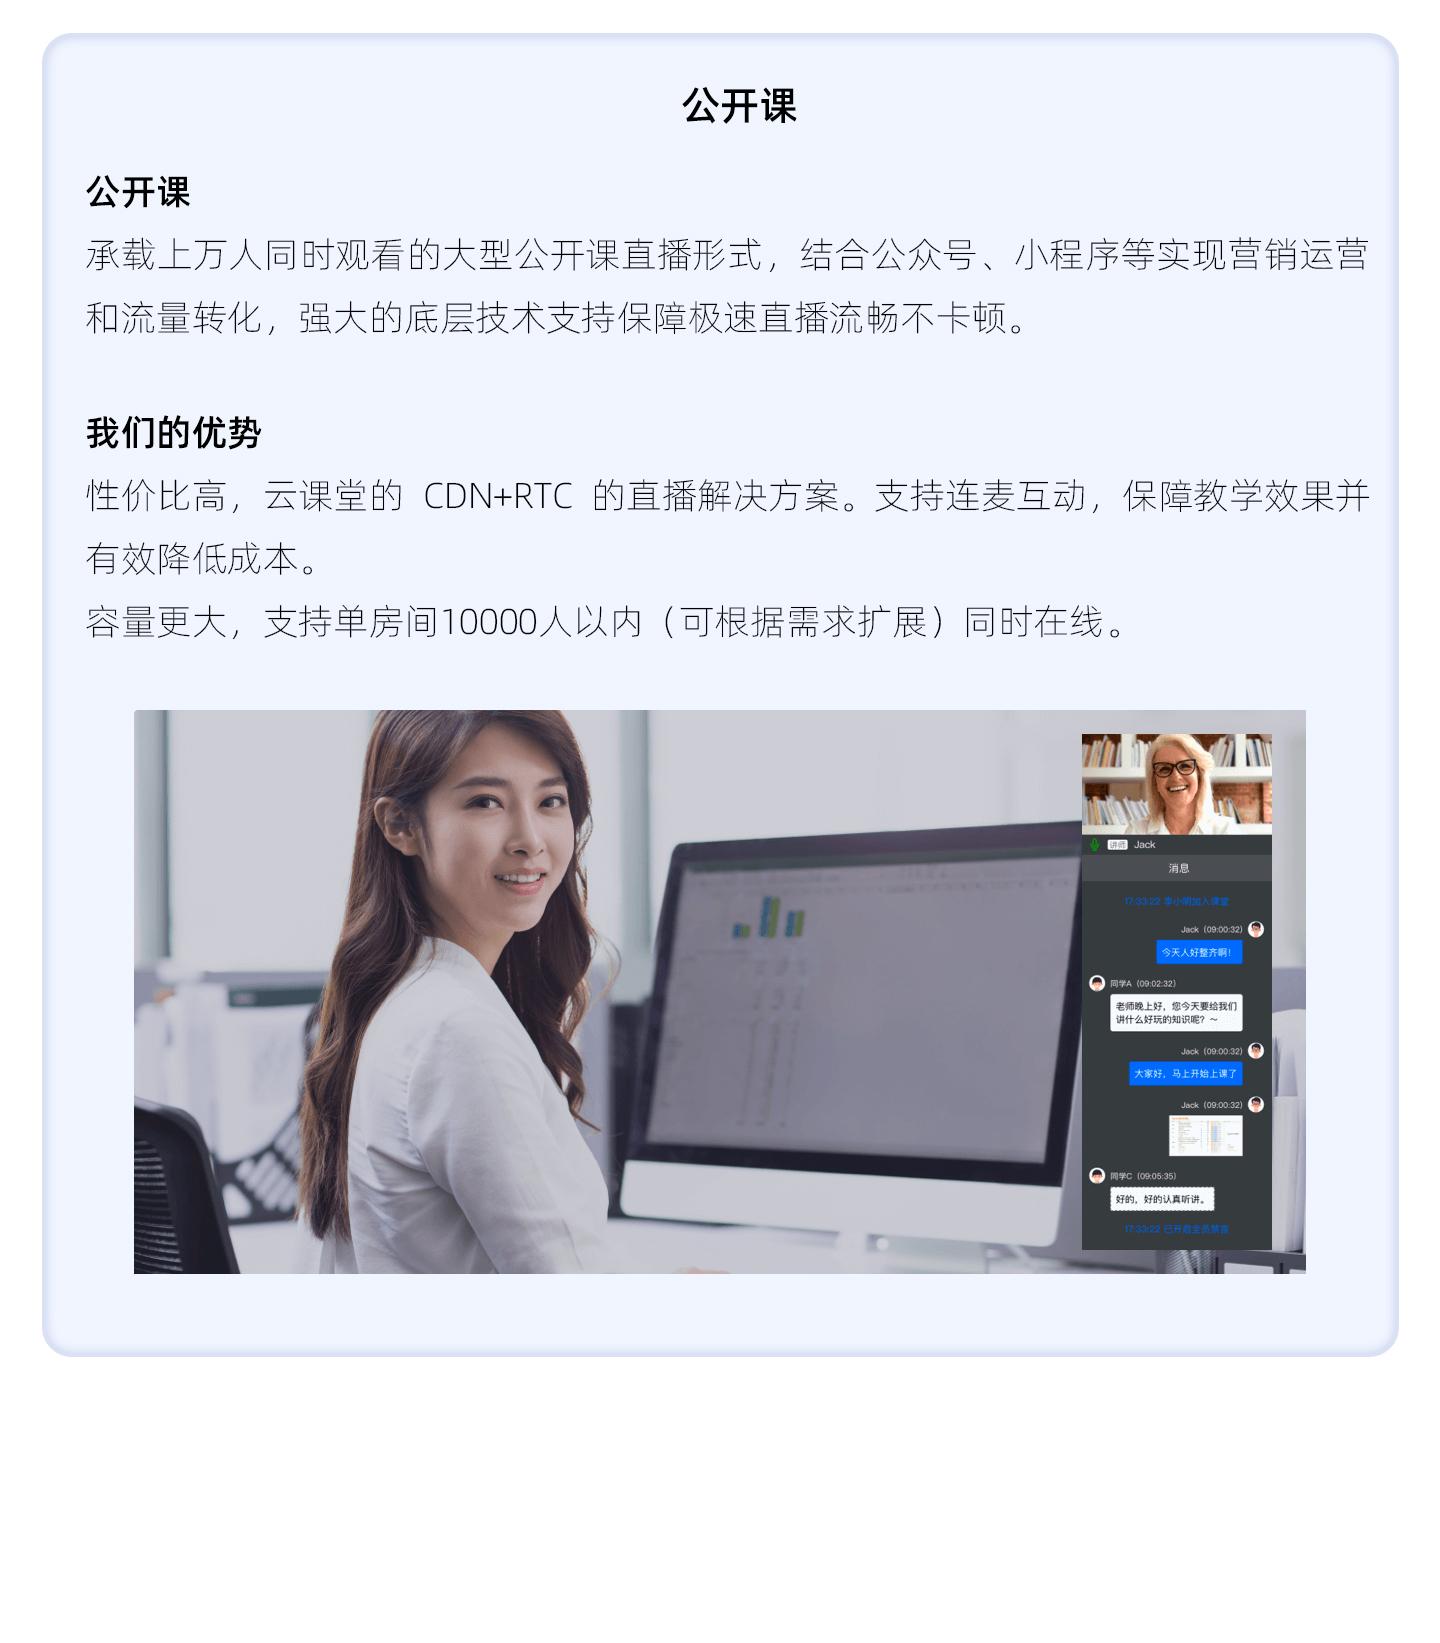 _-云课堂-OCL-1440_04.jpg